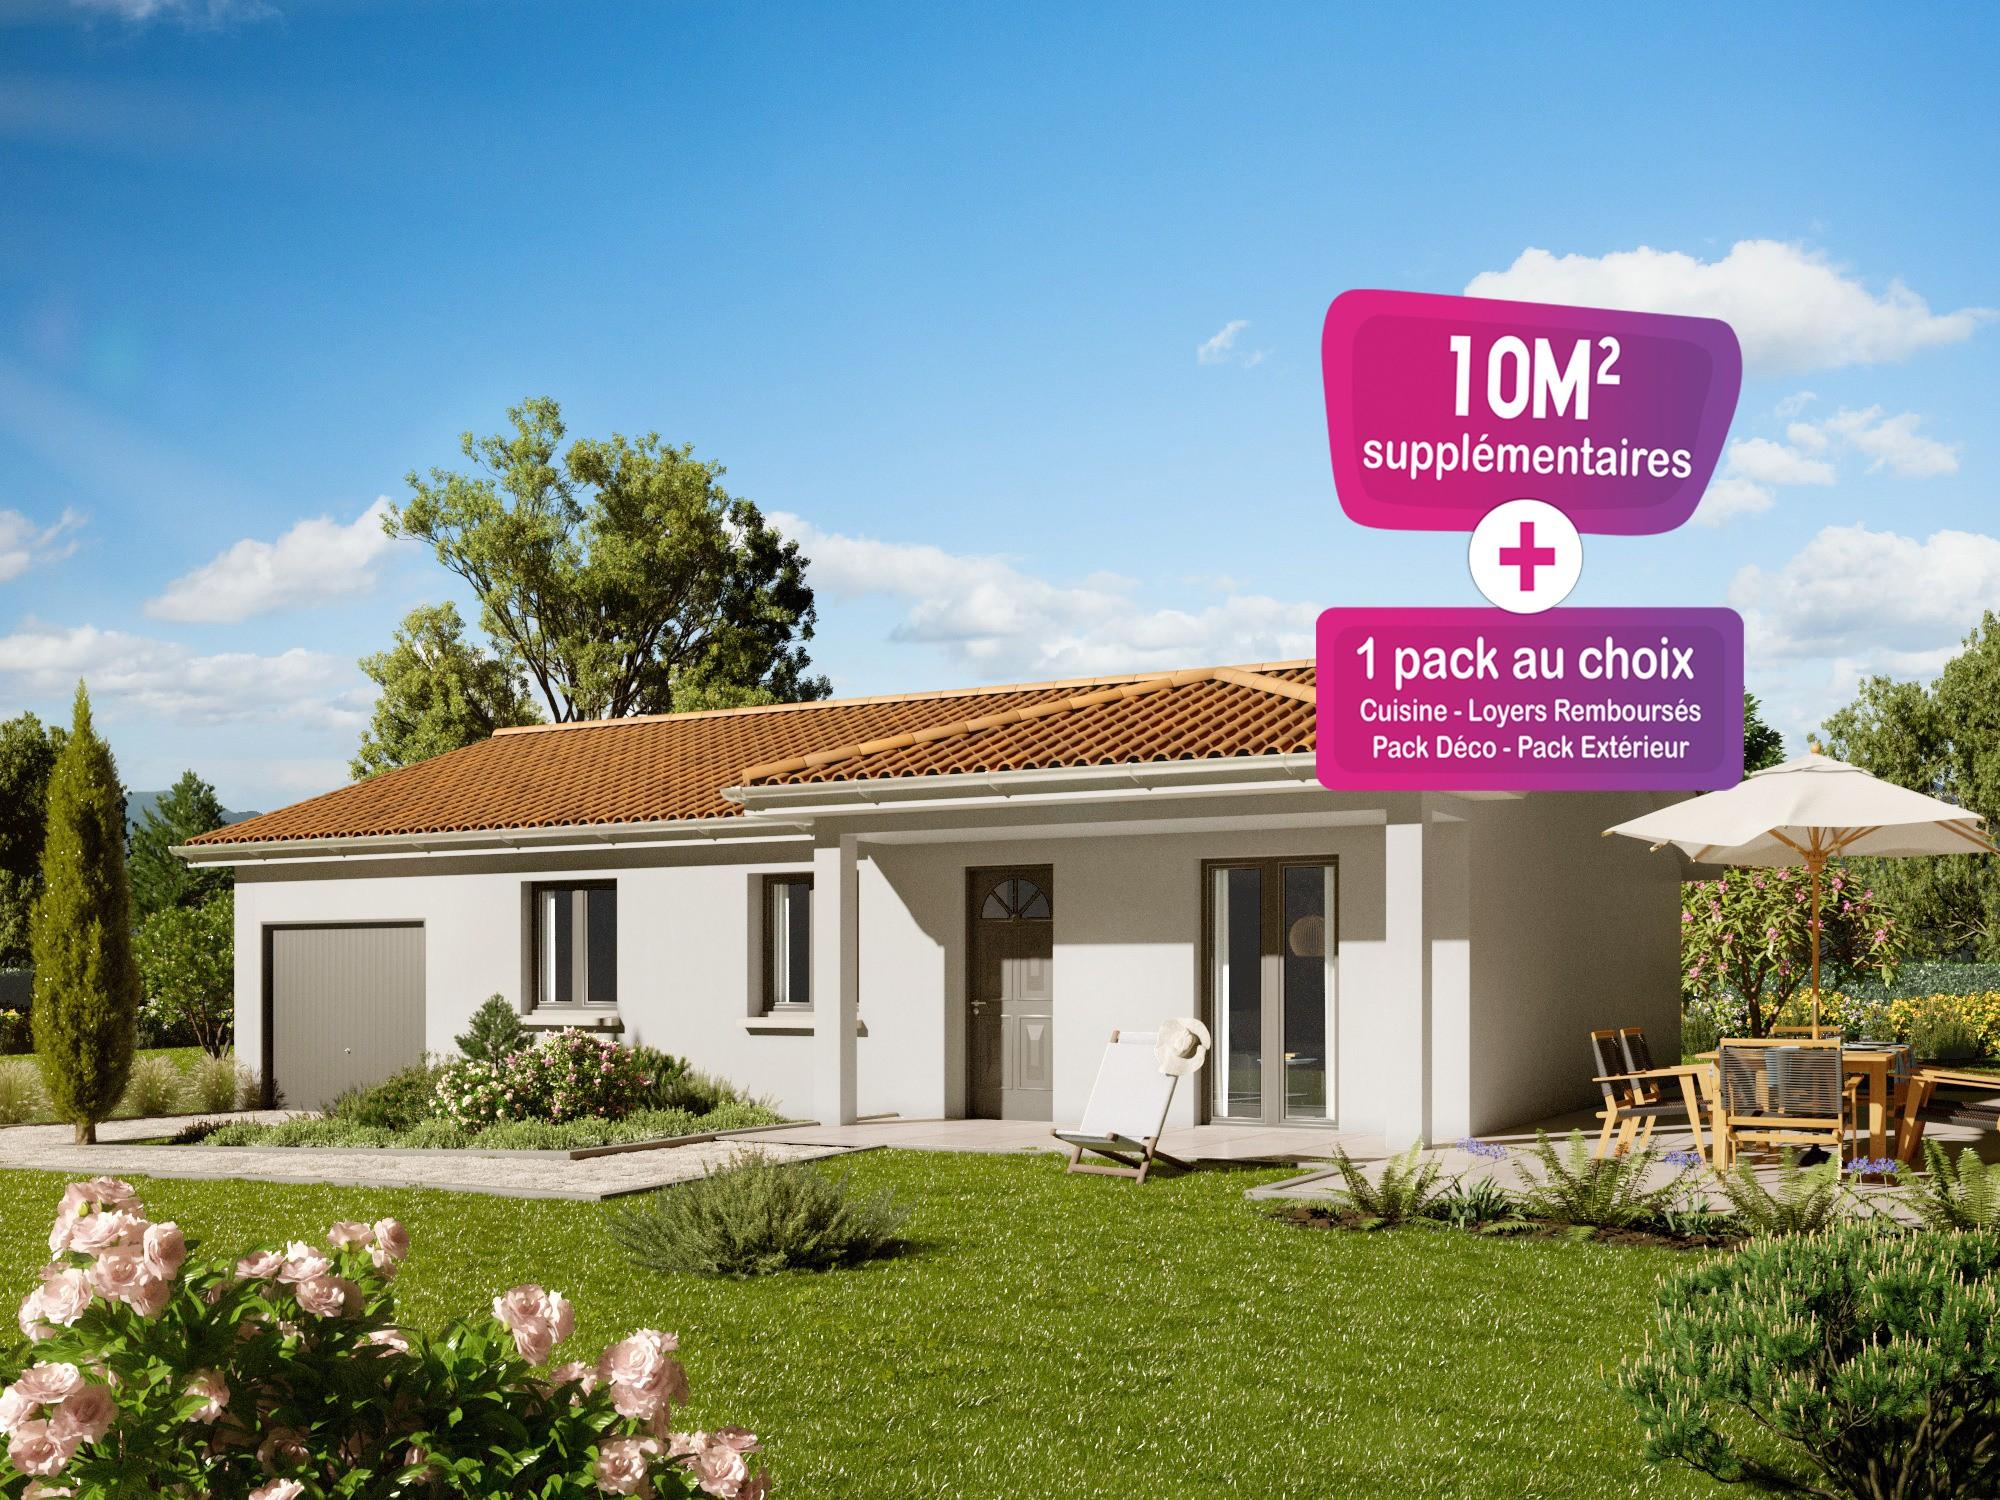 Maisons + Terrains du constructeur MAISONS PUNCH ST ETIENNE • 89 m² • SOLEYMIEUX